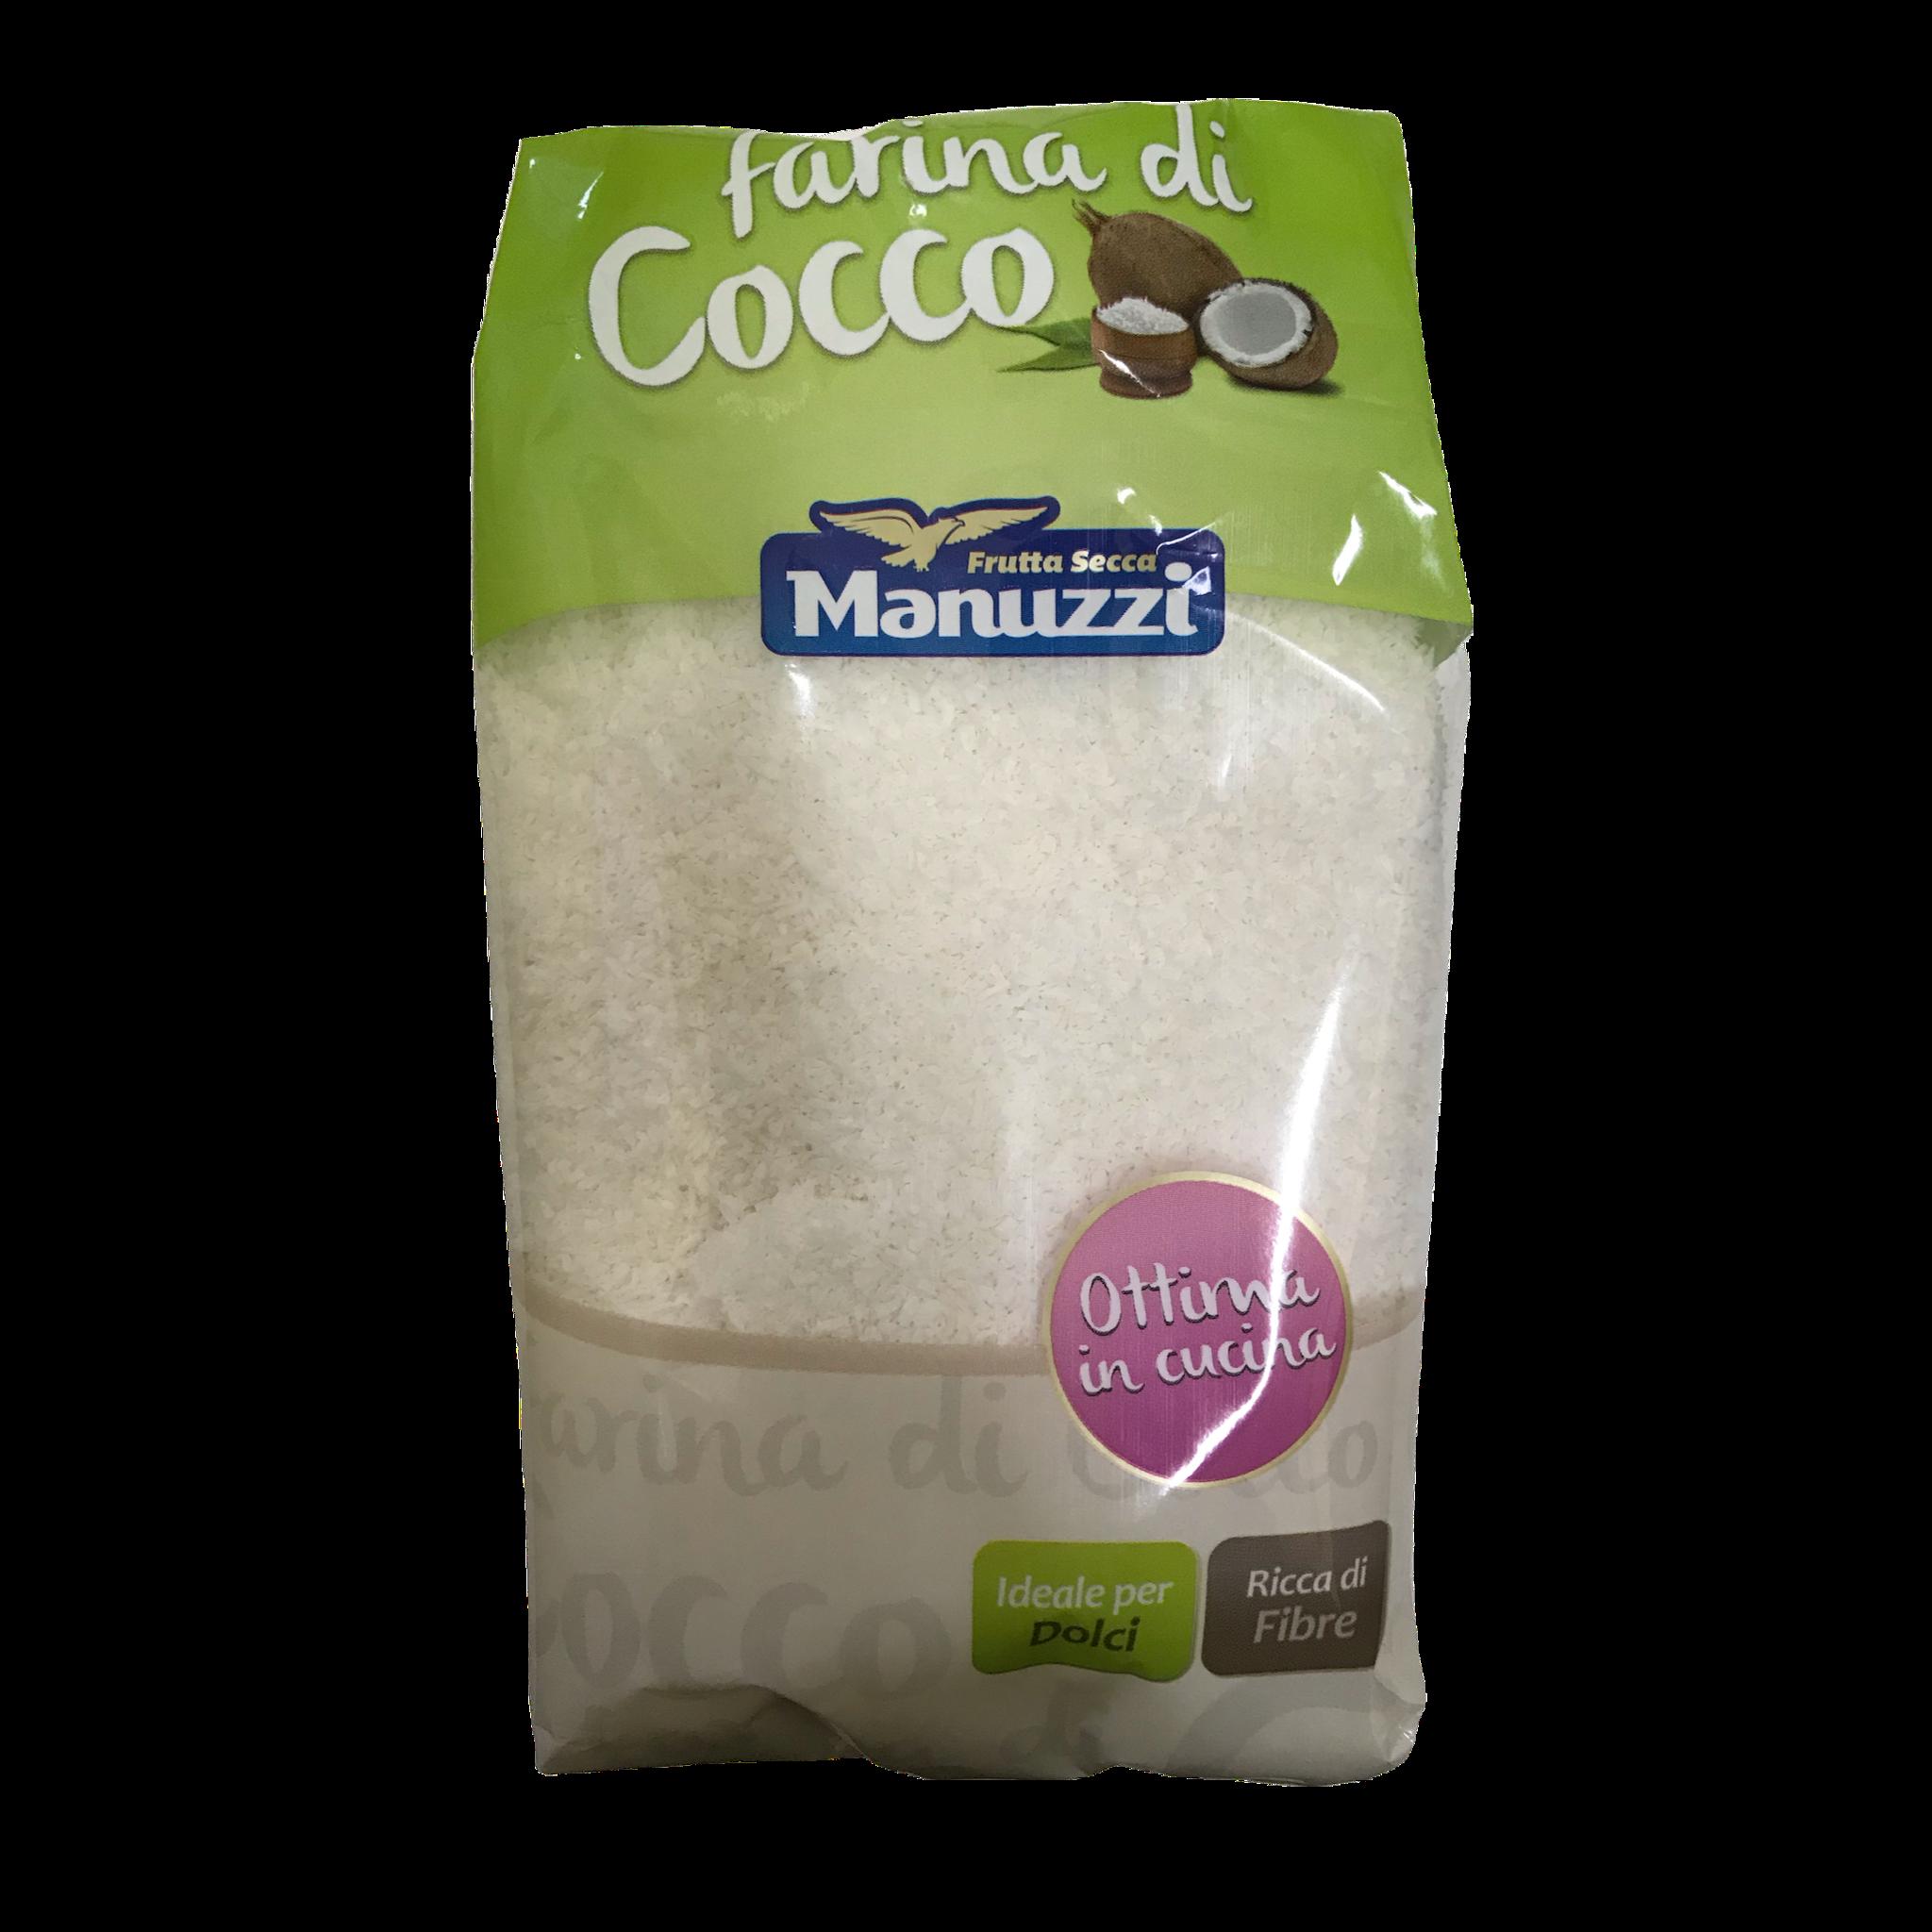 Farina di cocco - 250g